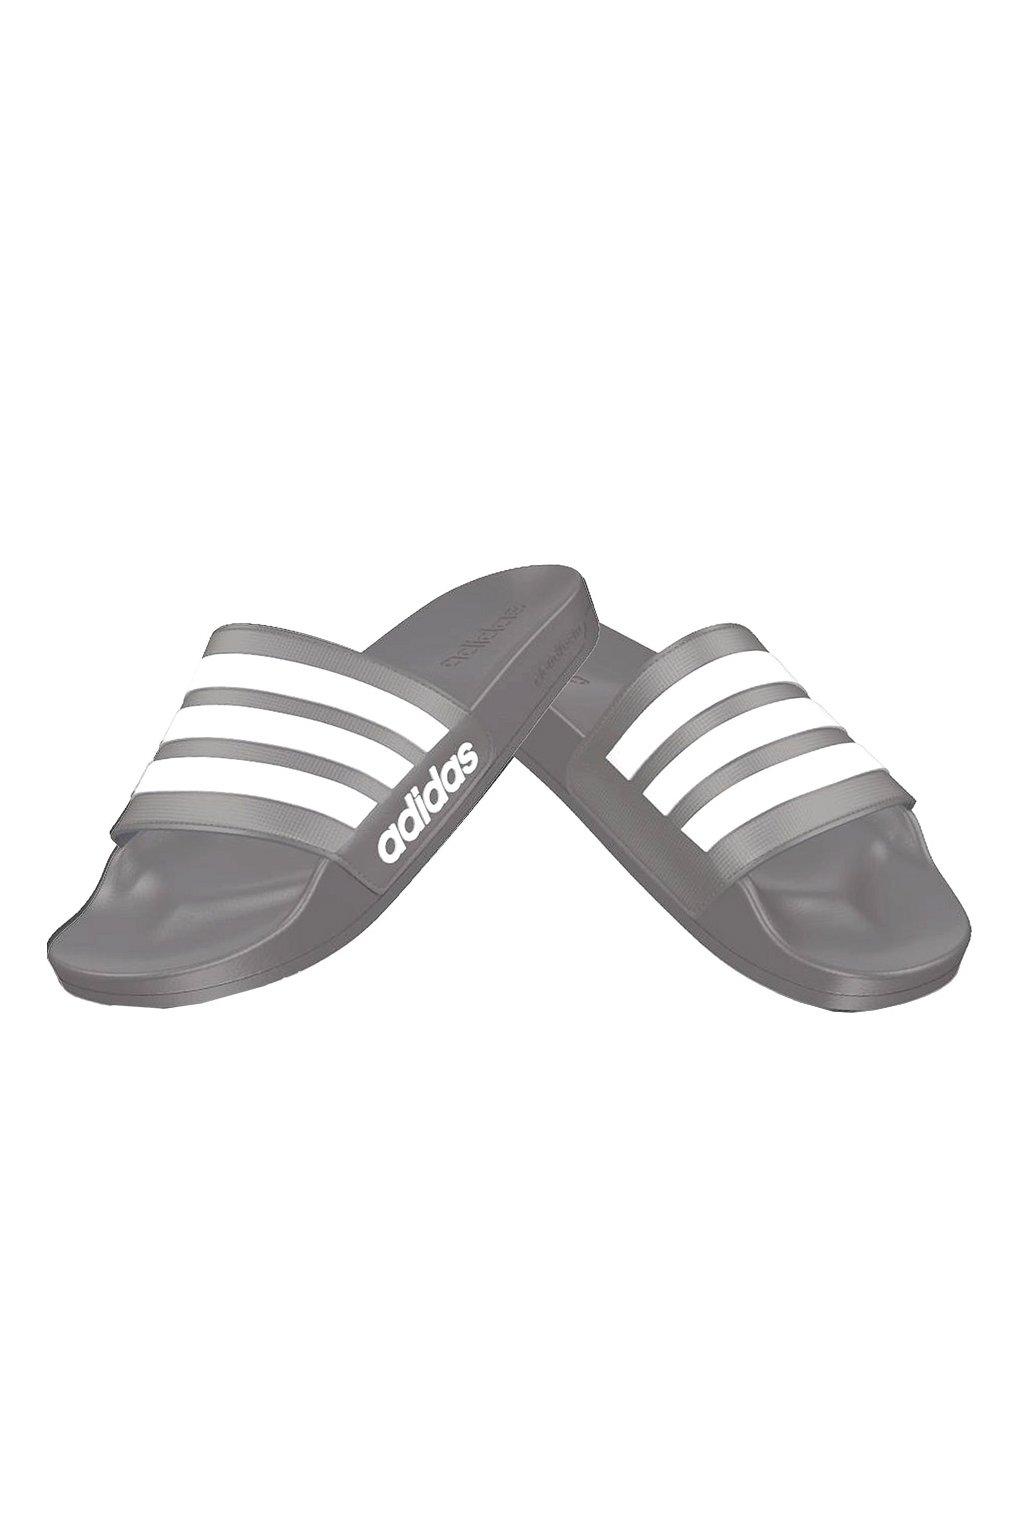 Šľapky Adidas Adilette sivé B42212